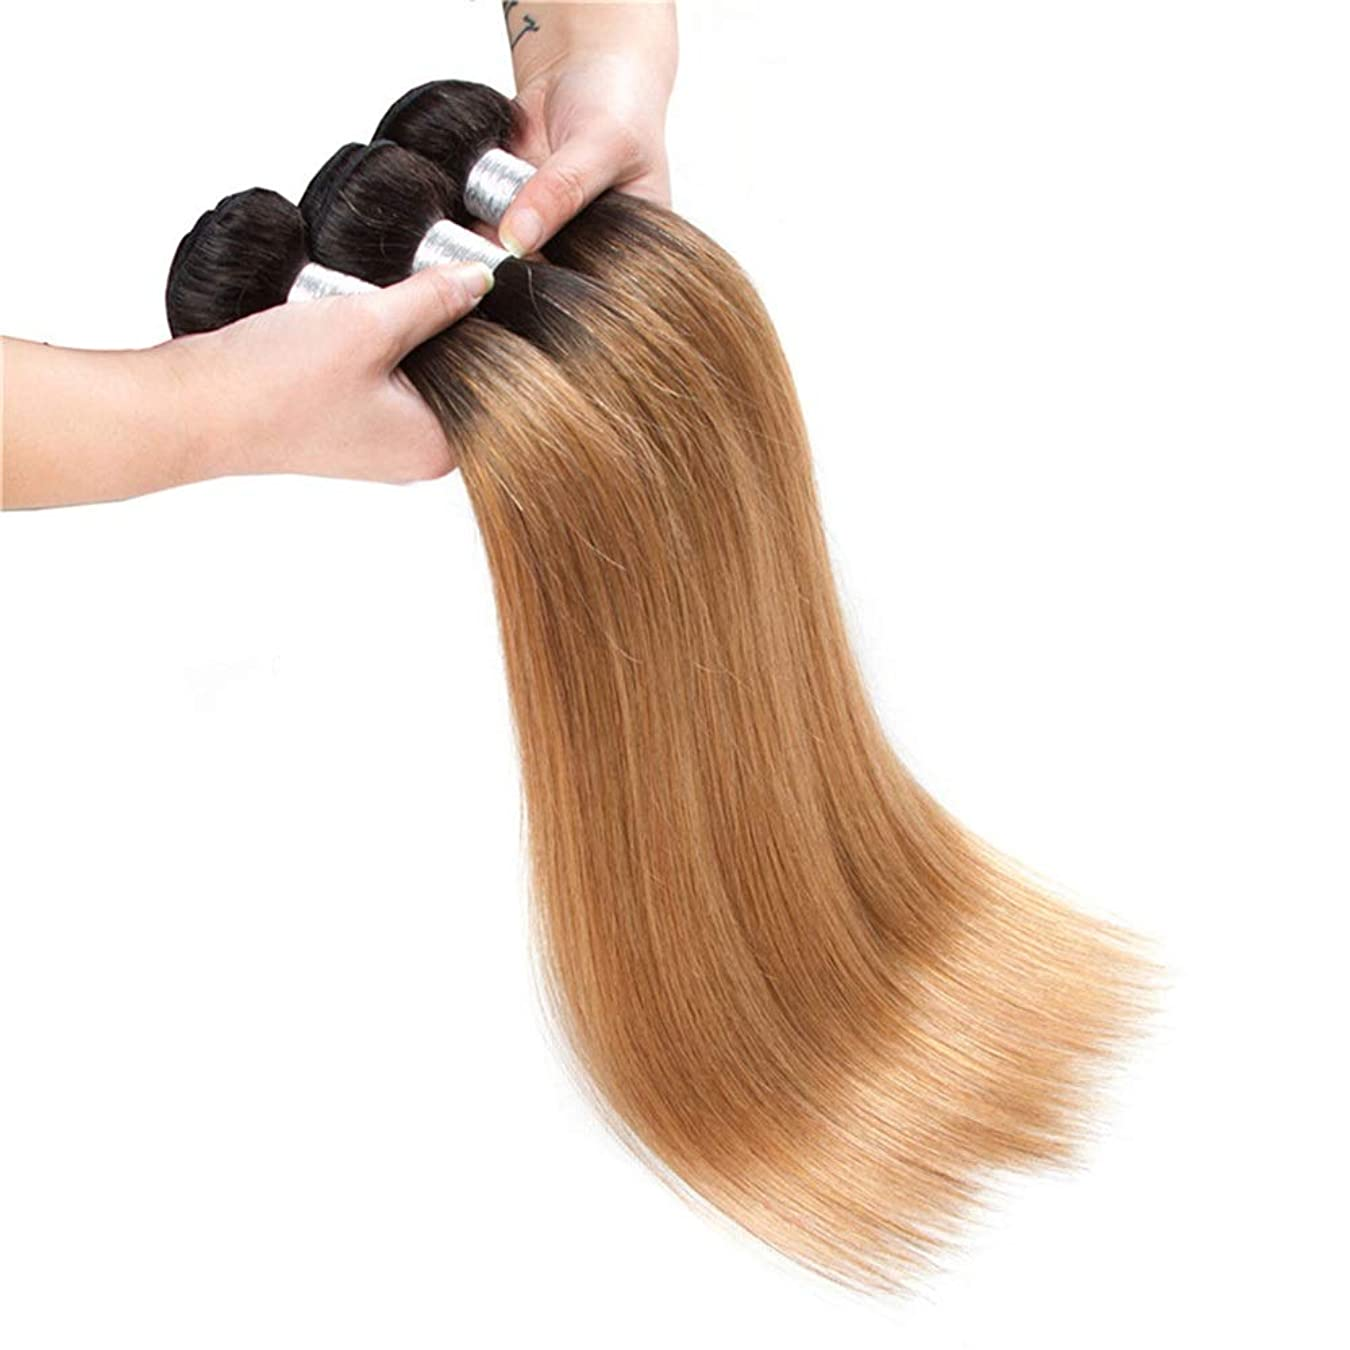 小康舗装滑り台BOBIDYEE 100%のremy人間の髪のよこ糸の延長10インチ26インチ1バンドルカラー1B / 27黒から茶色への2色カラーブラウンかつらロングブラウンかつらかつら (色 : ブラウン, サイズ : 24 inch)